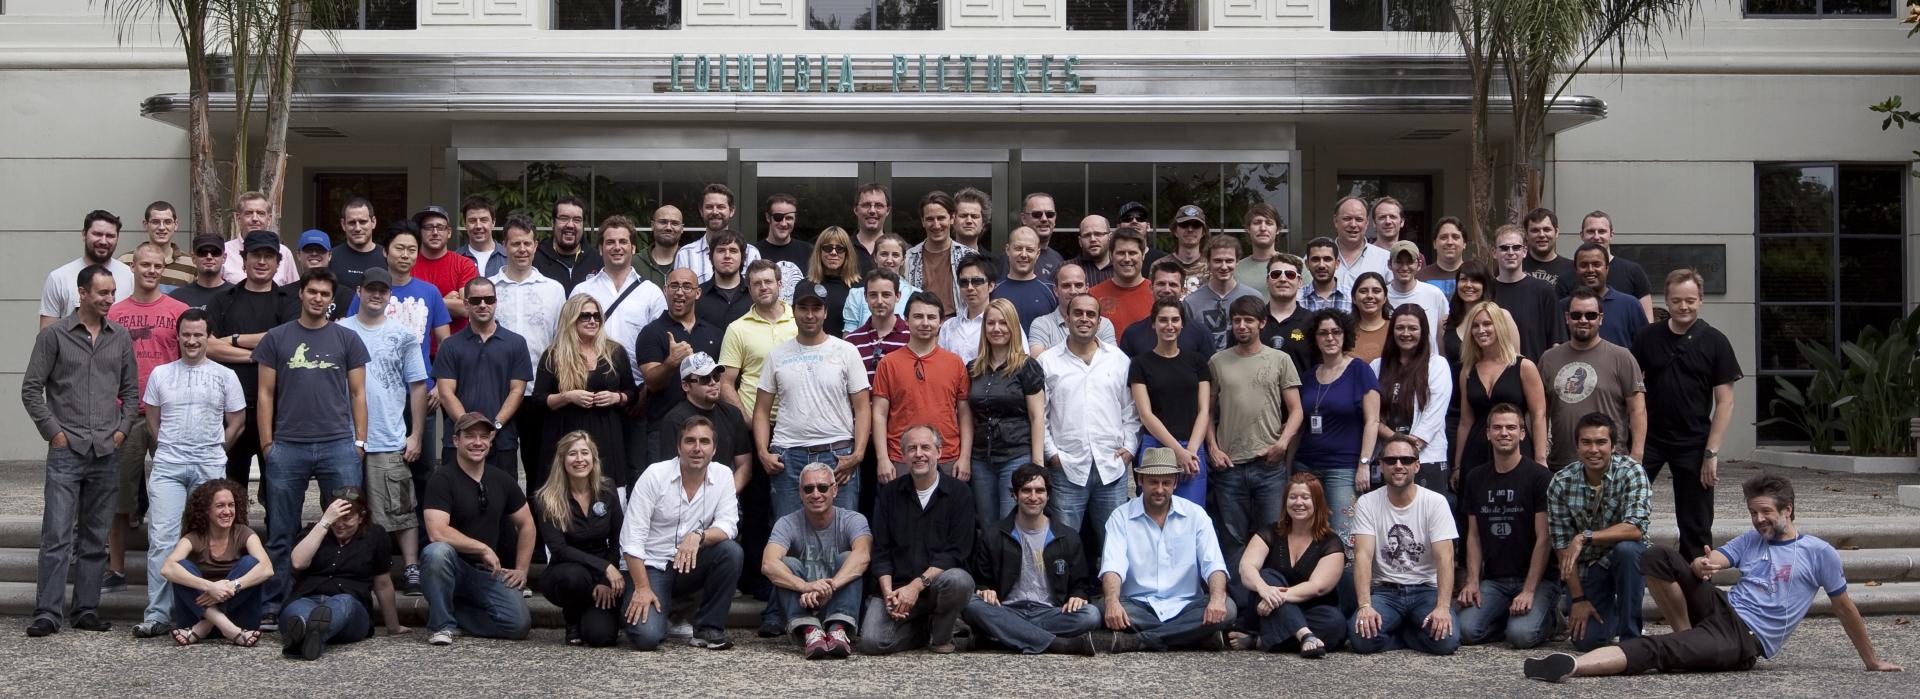 Uncharted Territories 2012 Crew